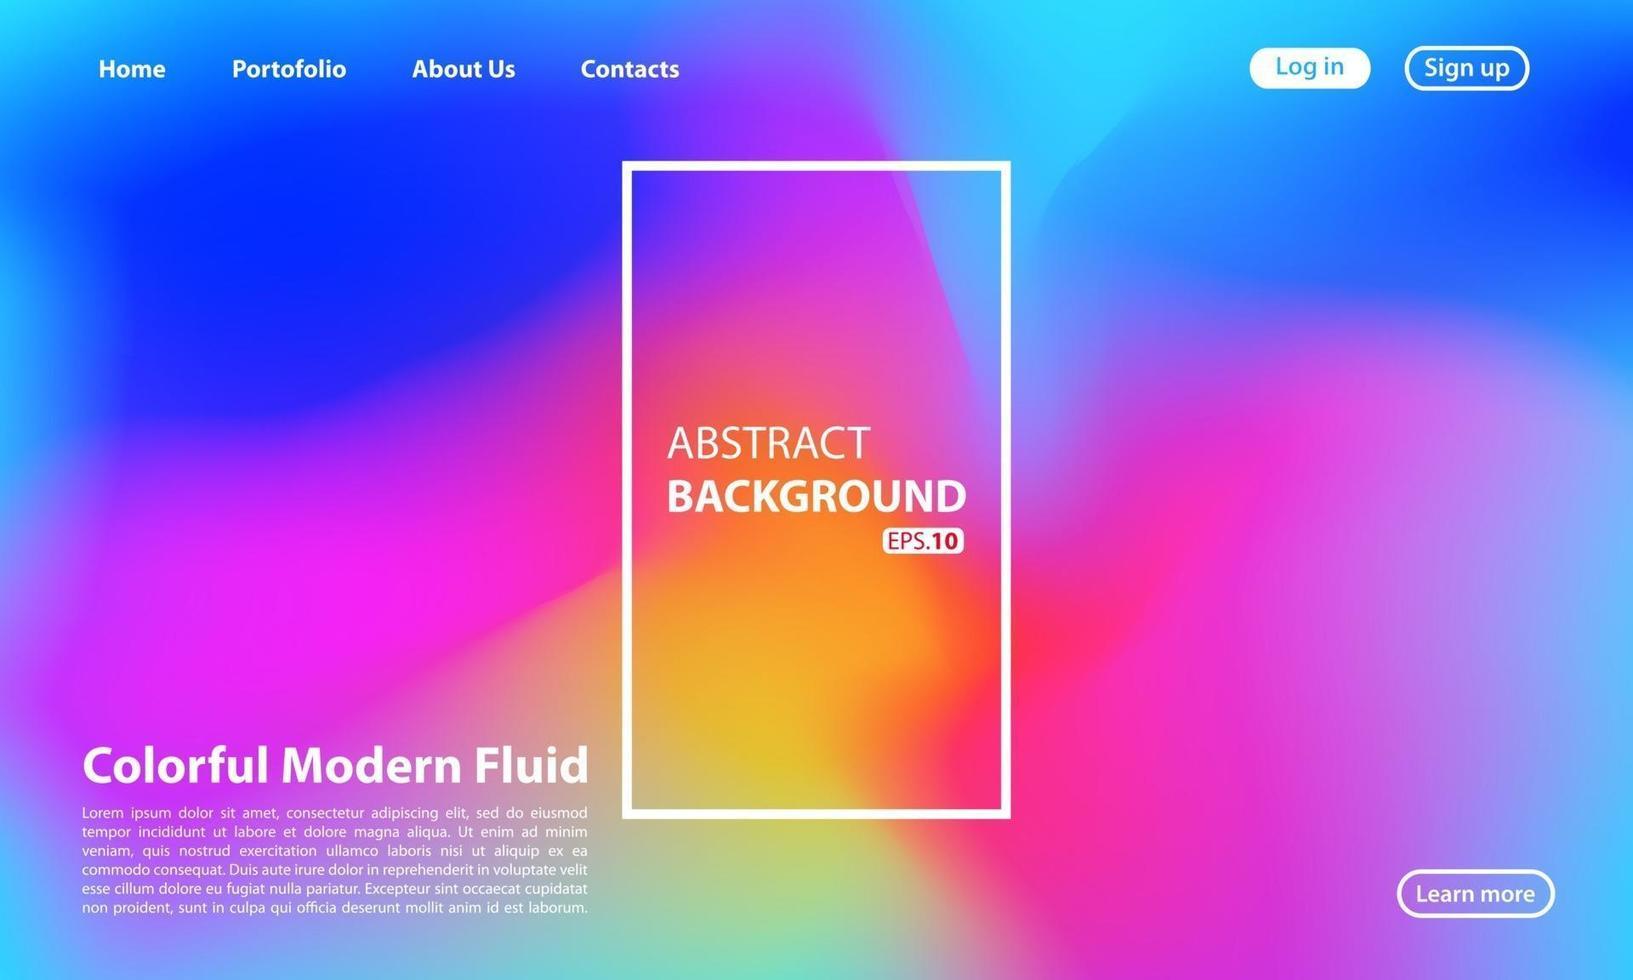 abstrakt flytande bakgrund för din målsidesdesign. bakgrund för webbdesign. modern mall för affisch eller banner. vektor